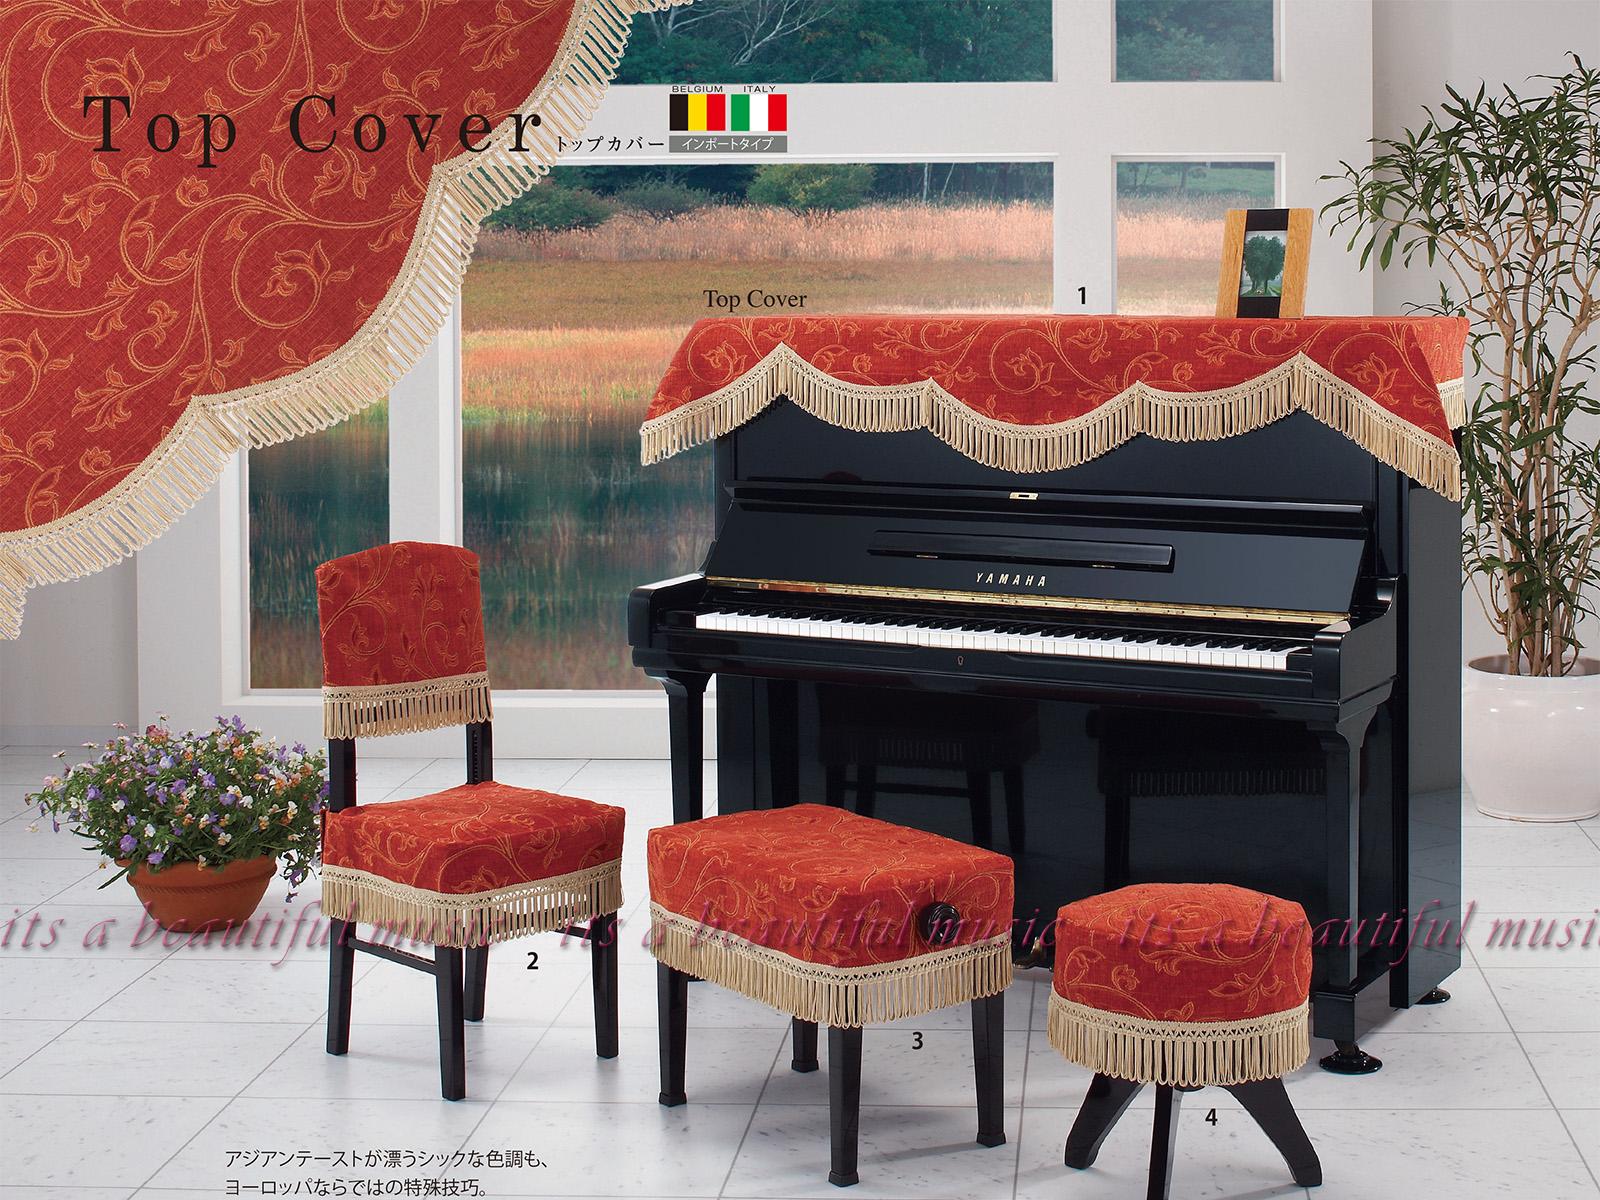 【its】アップライトピアノカバー(トップカバー)アルプスTG-130「ベルギー製ゴブランを使ったリーフ柄」【フリーサイズ】(アルプスG130シリーズ)